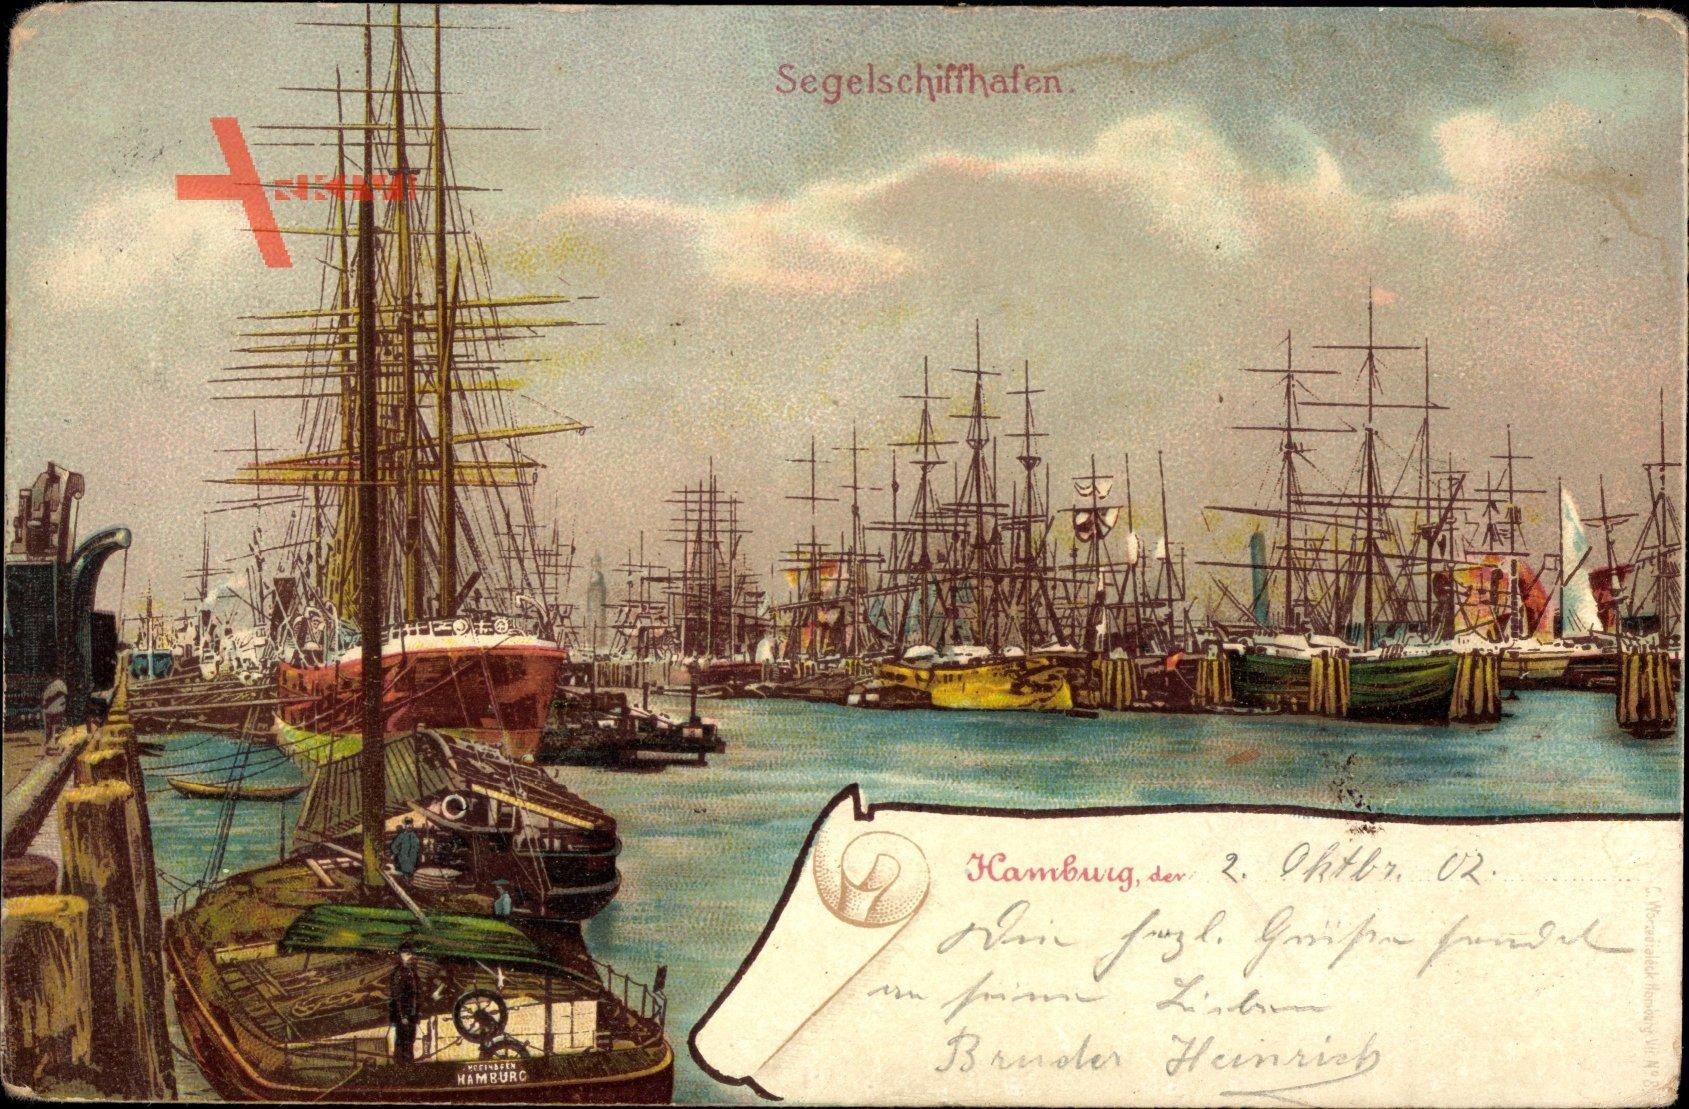 Hamburg, Blick auf den Segelschiffhafen, Segelschiffe